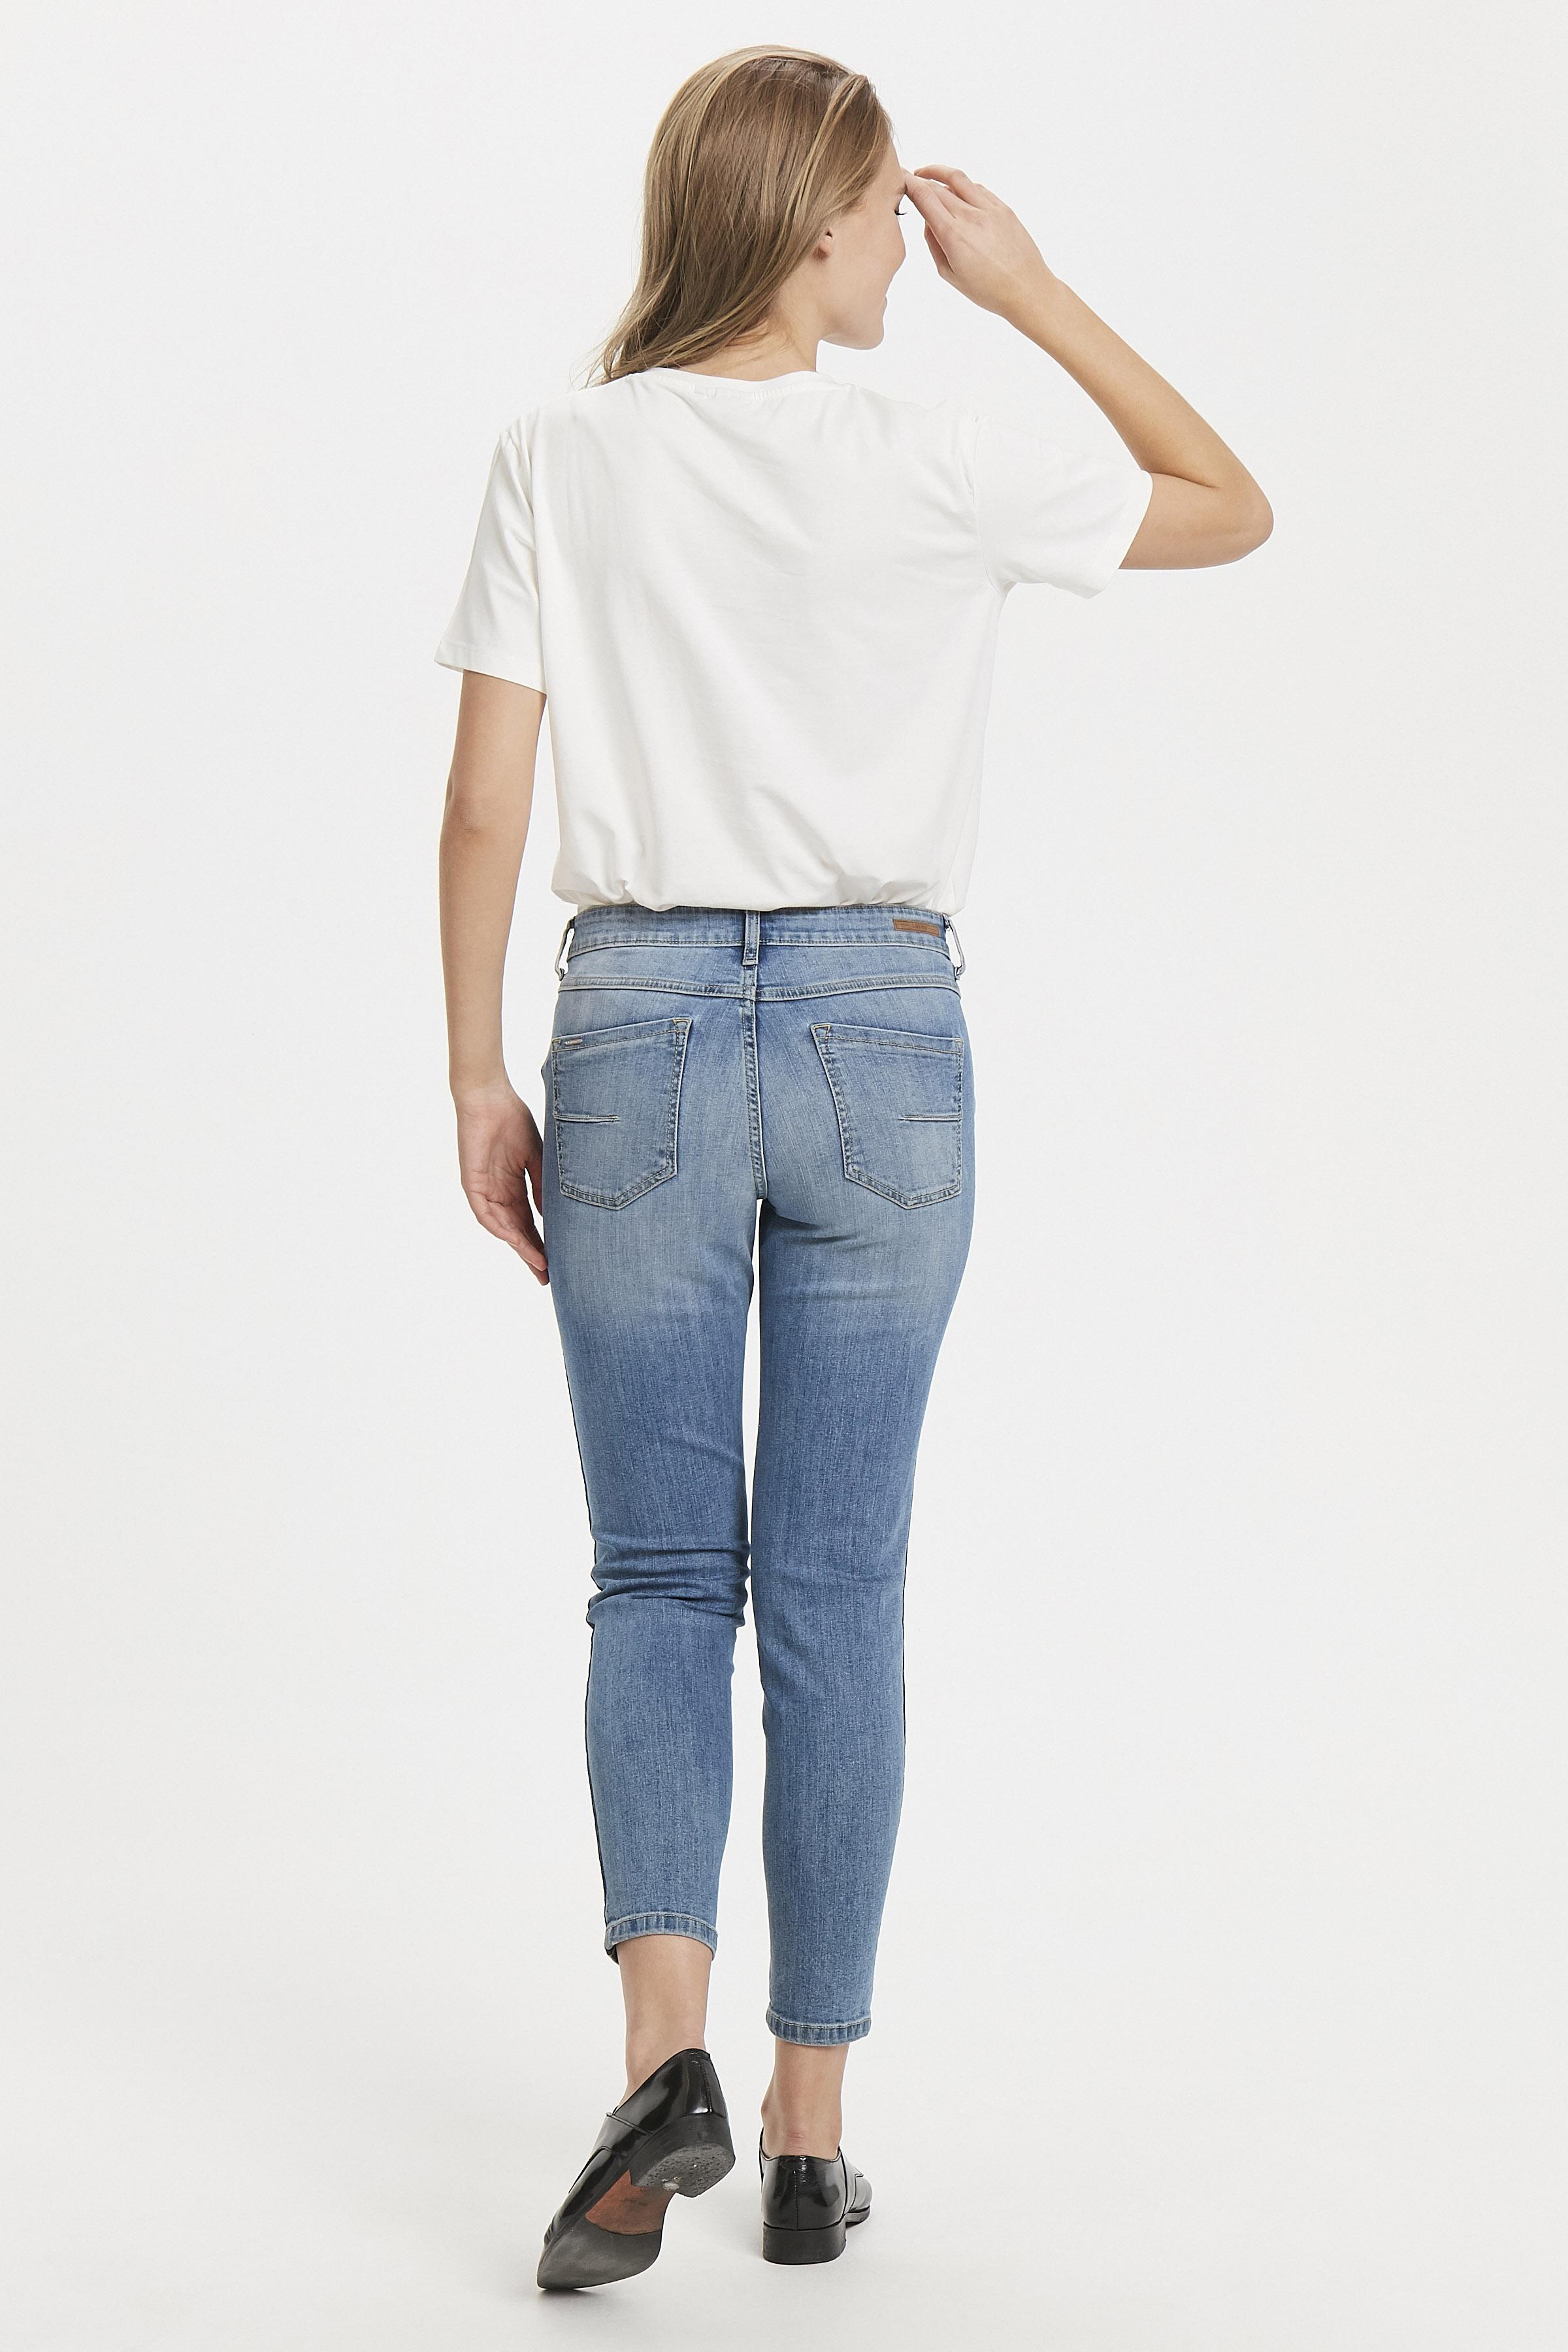 Cornflower combi T-shirt von b.young – Kaufen Sie Cornflower combi T-shirt aus Größe XS-XXL hier